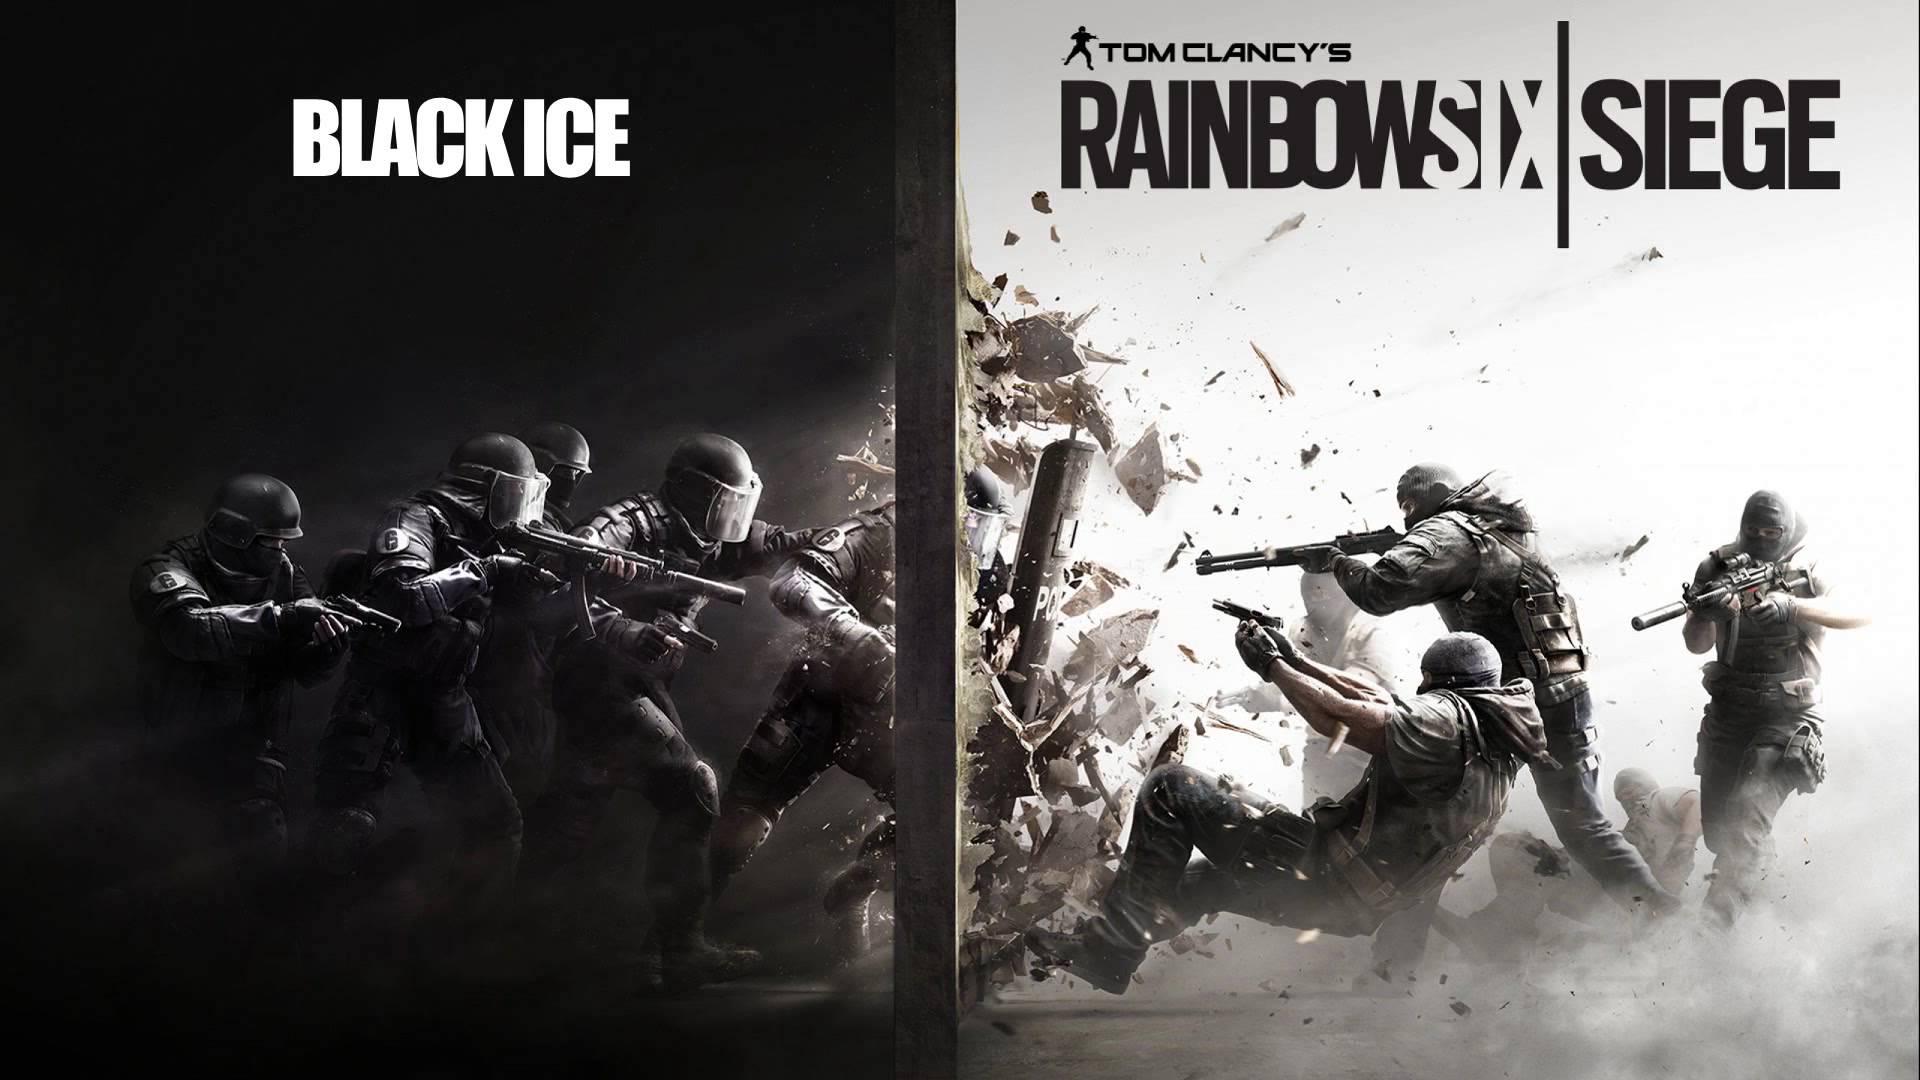 Tom Clancy's Rainbow Six Siege Black Ice